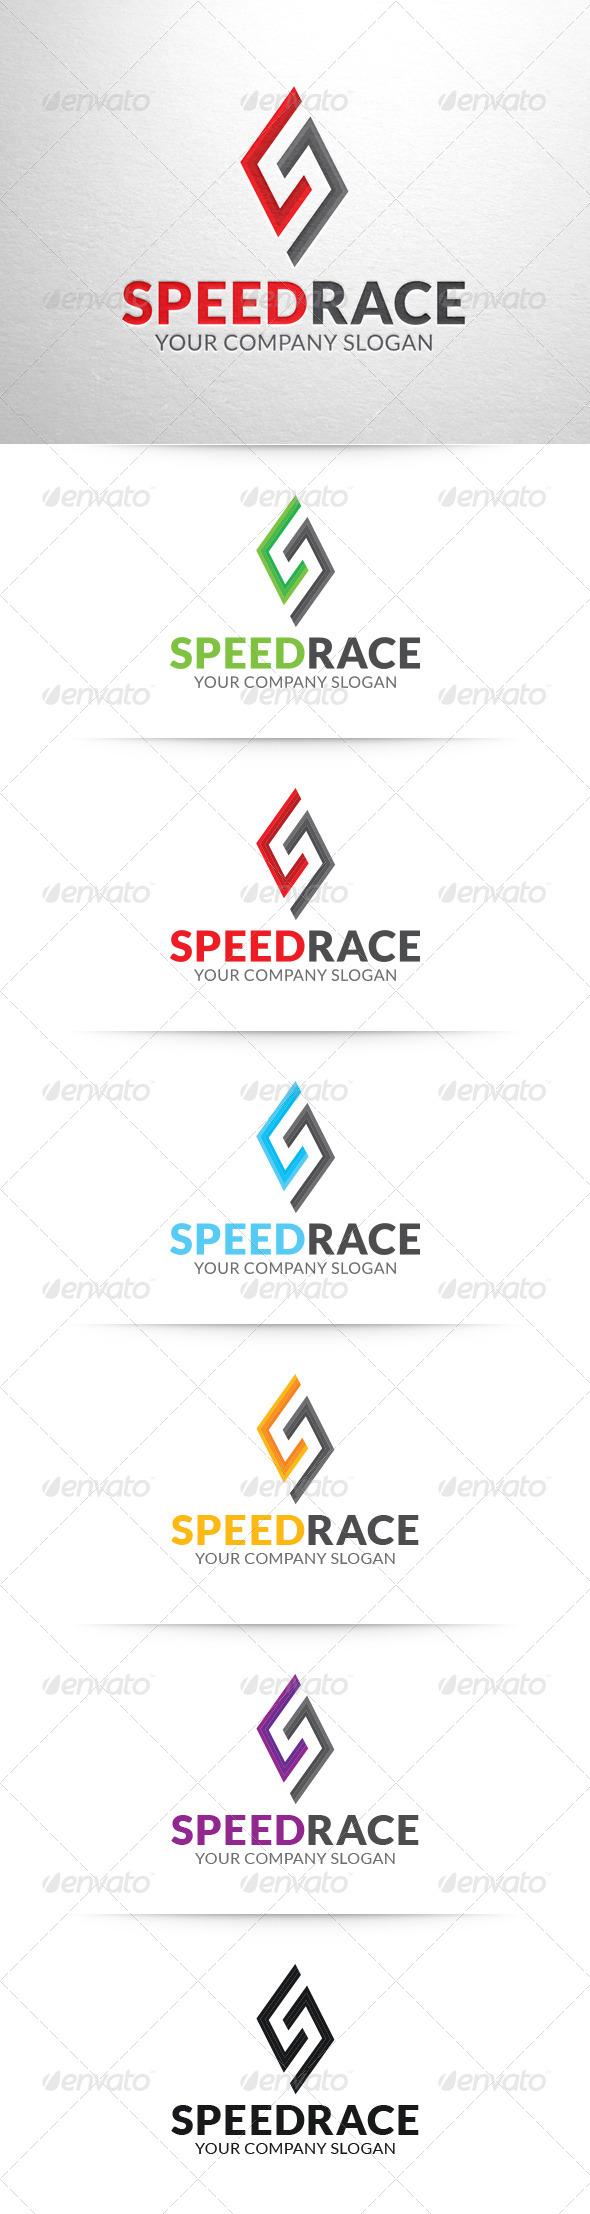 Speed Race - Letter S Logo